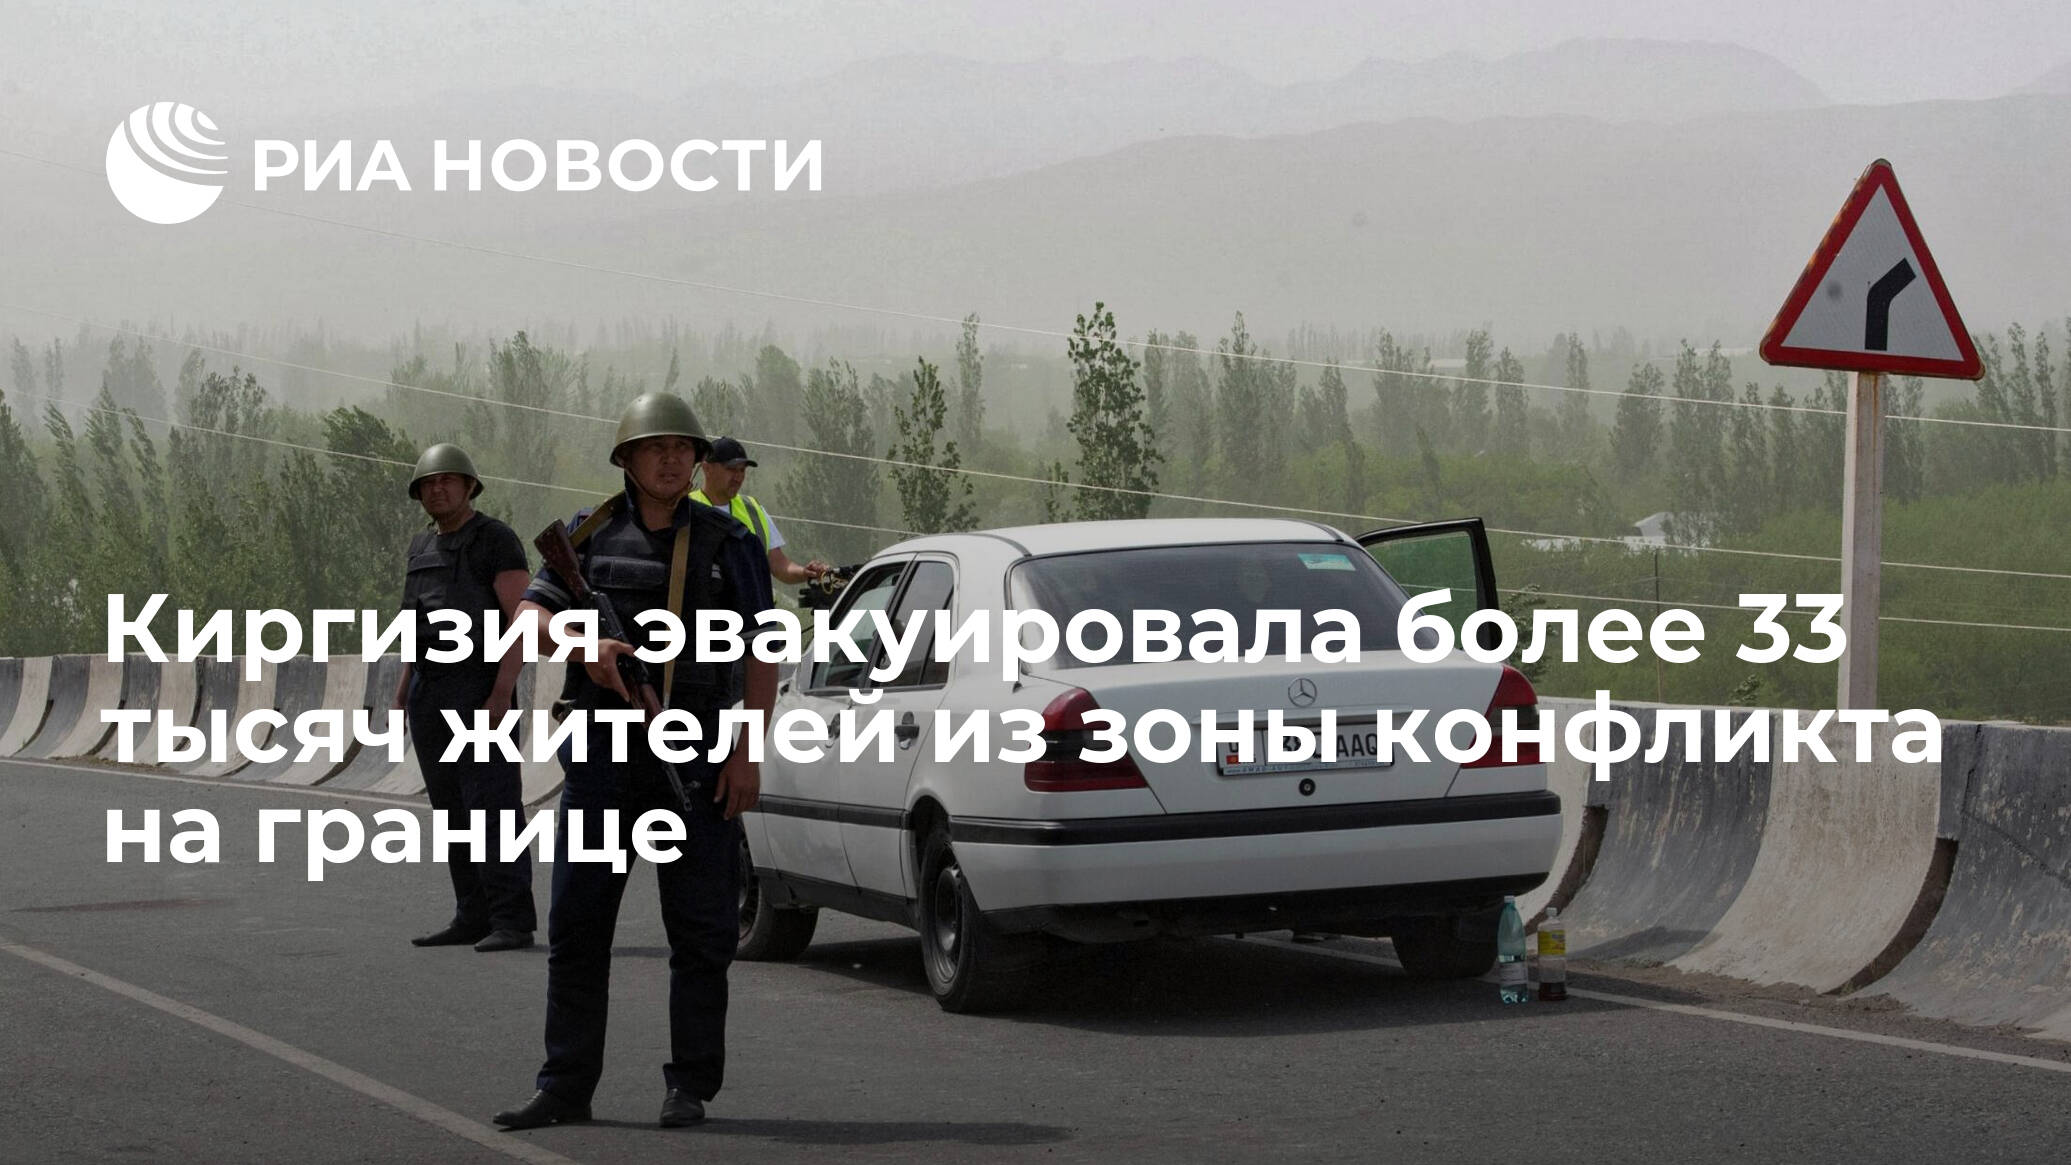 Киргизия эвакуировала более 33 тысяч жителей из зоны конфликта на границе